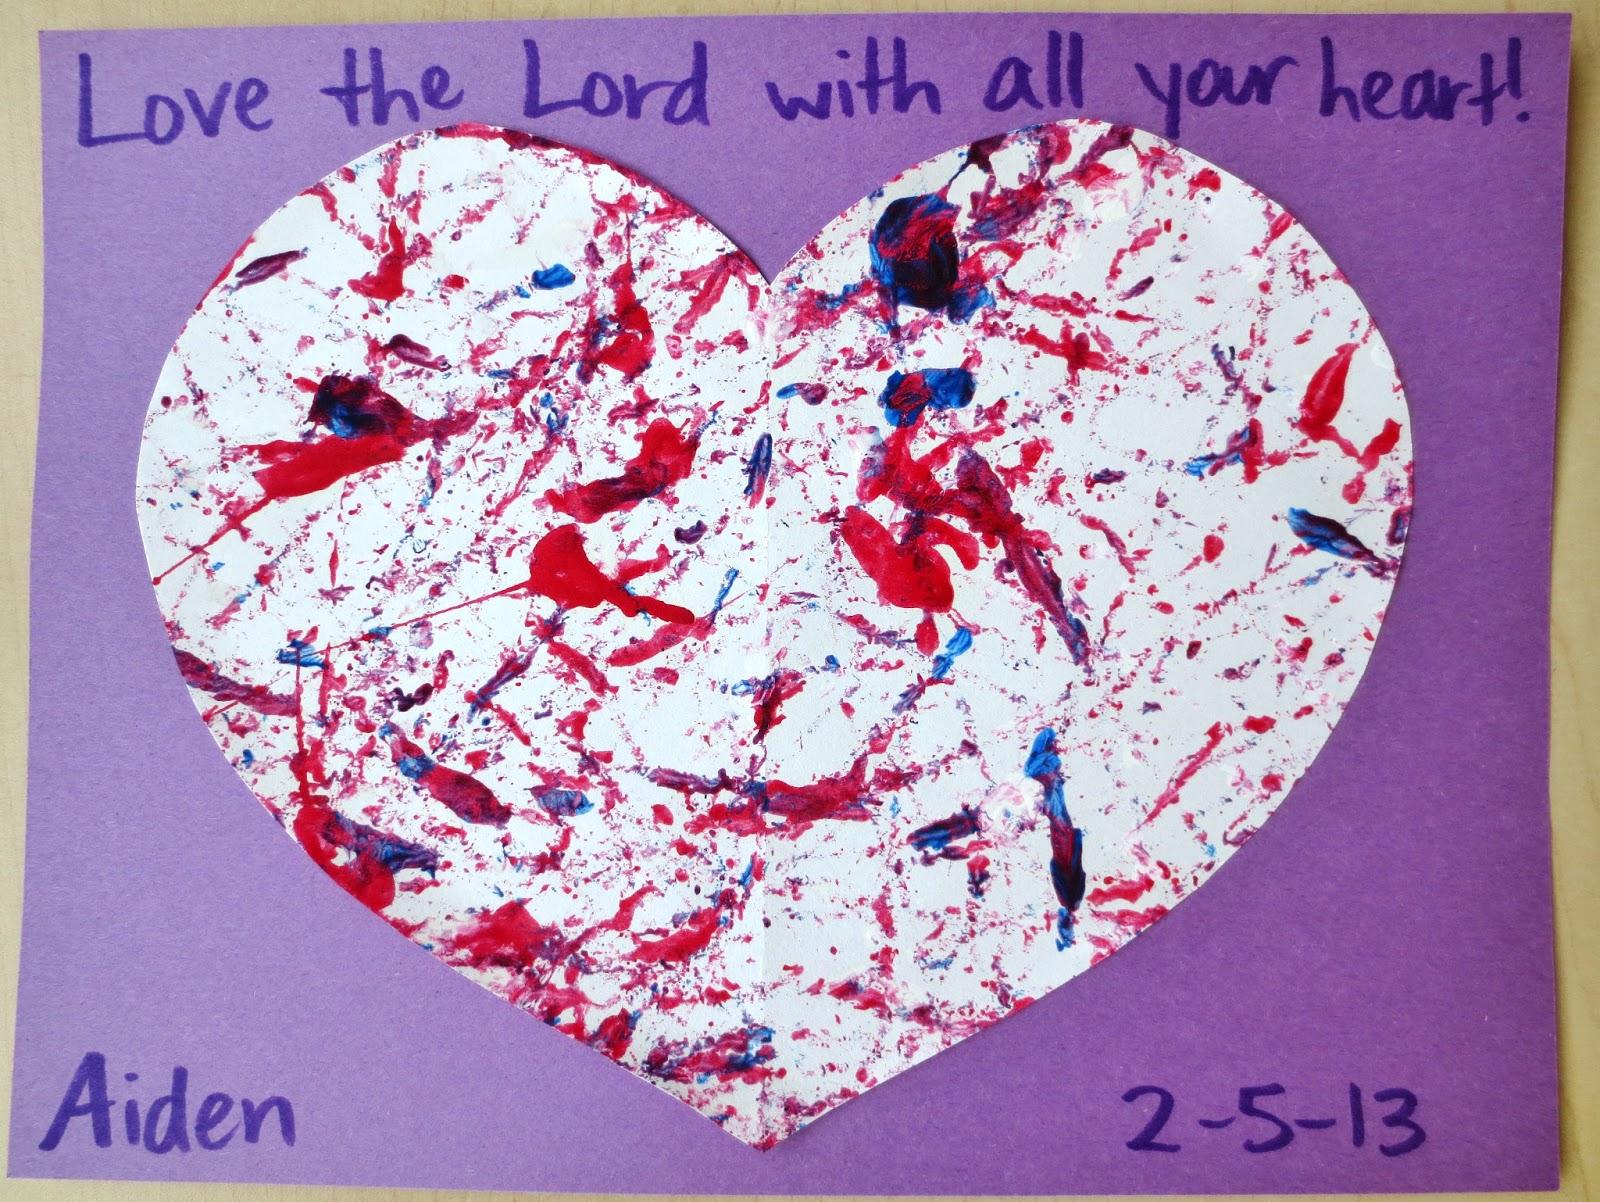 Princesses pies preschool pizzazz 3 valentine crafts for Valentine art and crafts for preschool